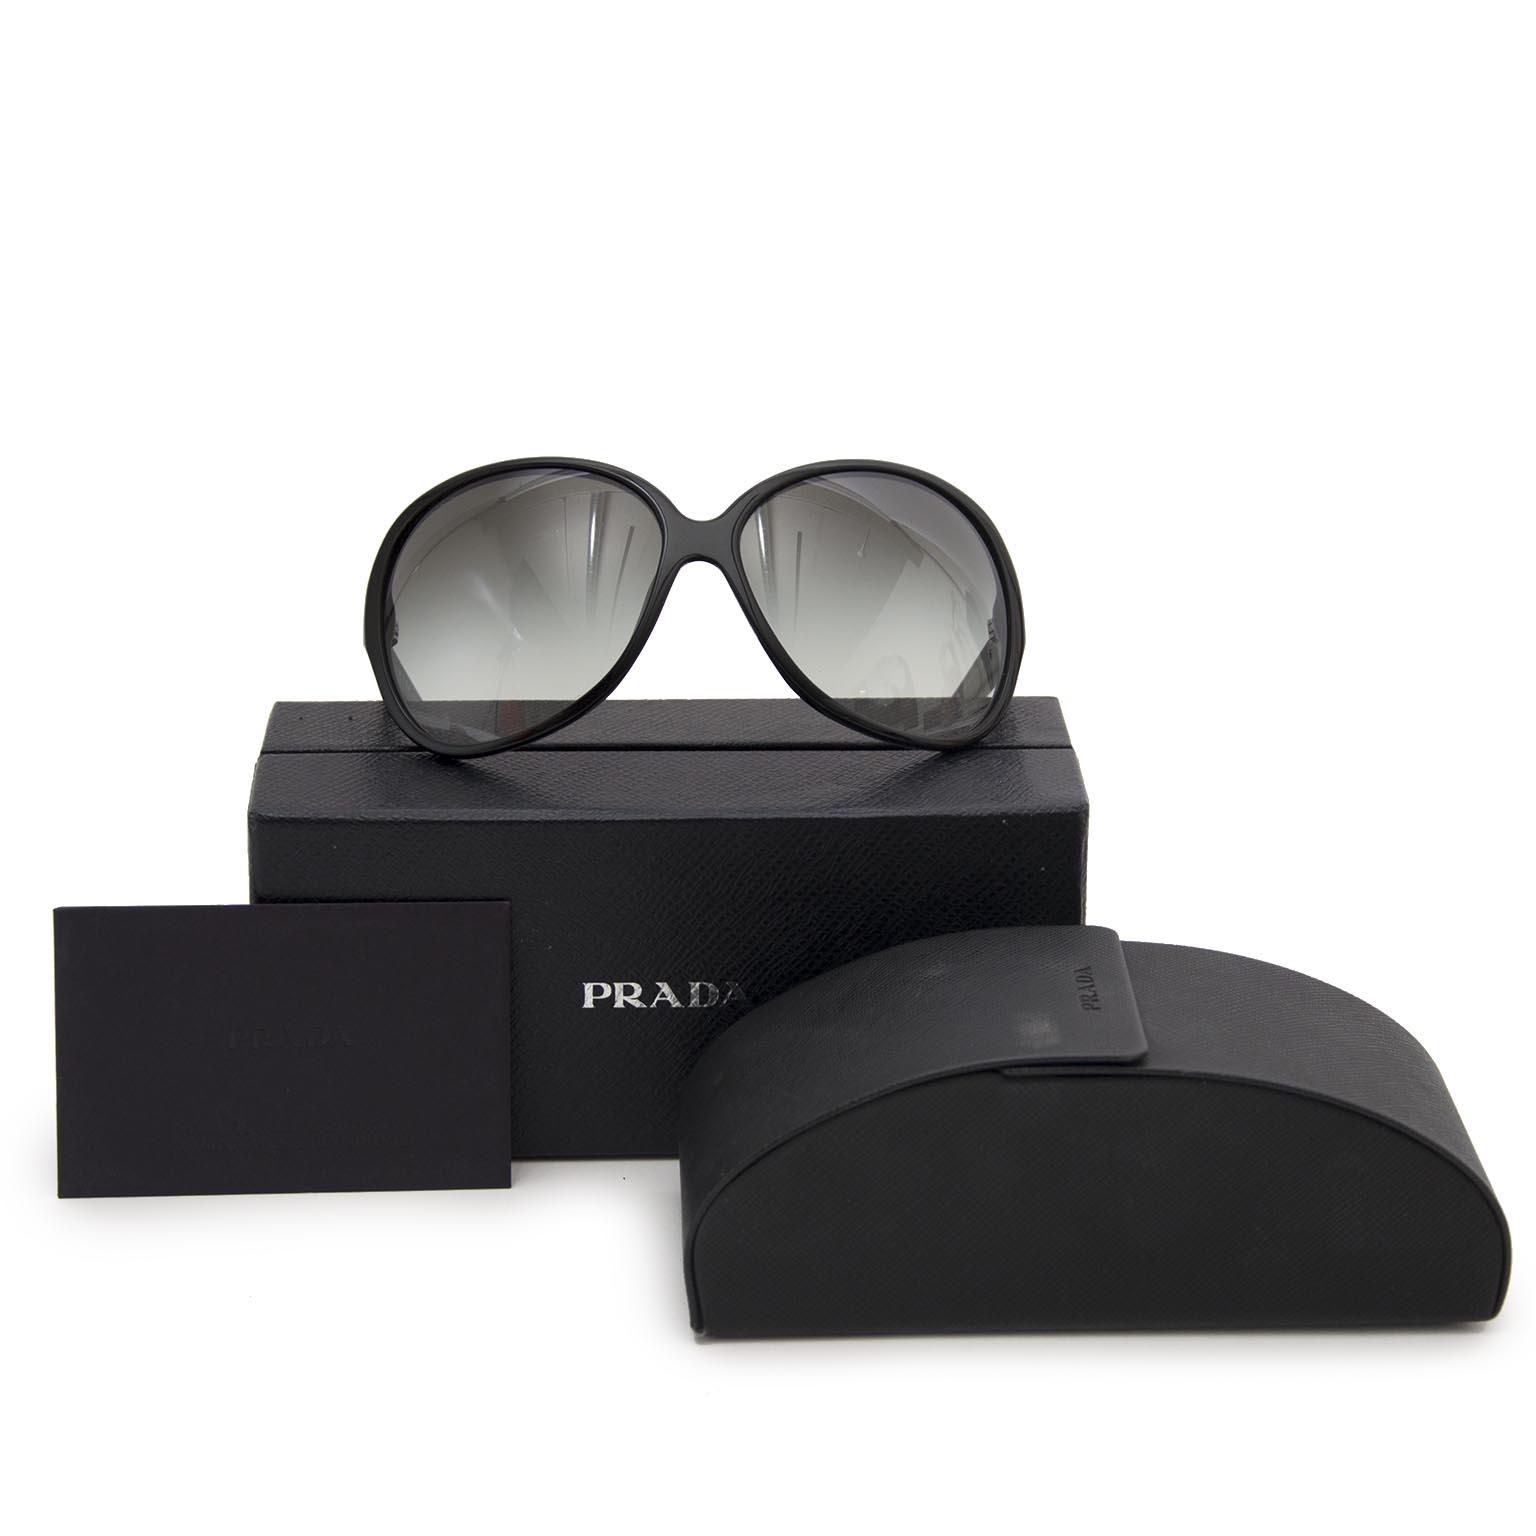 Prada black lunettes de soleil en ligne chez labellov.com pour le meilleur prix